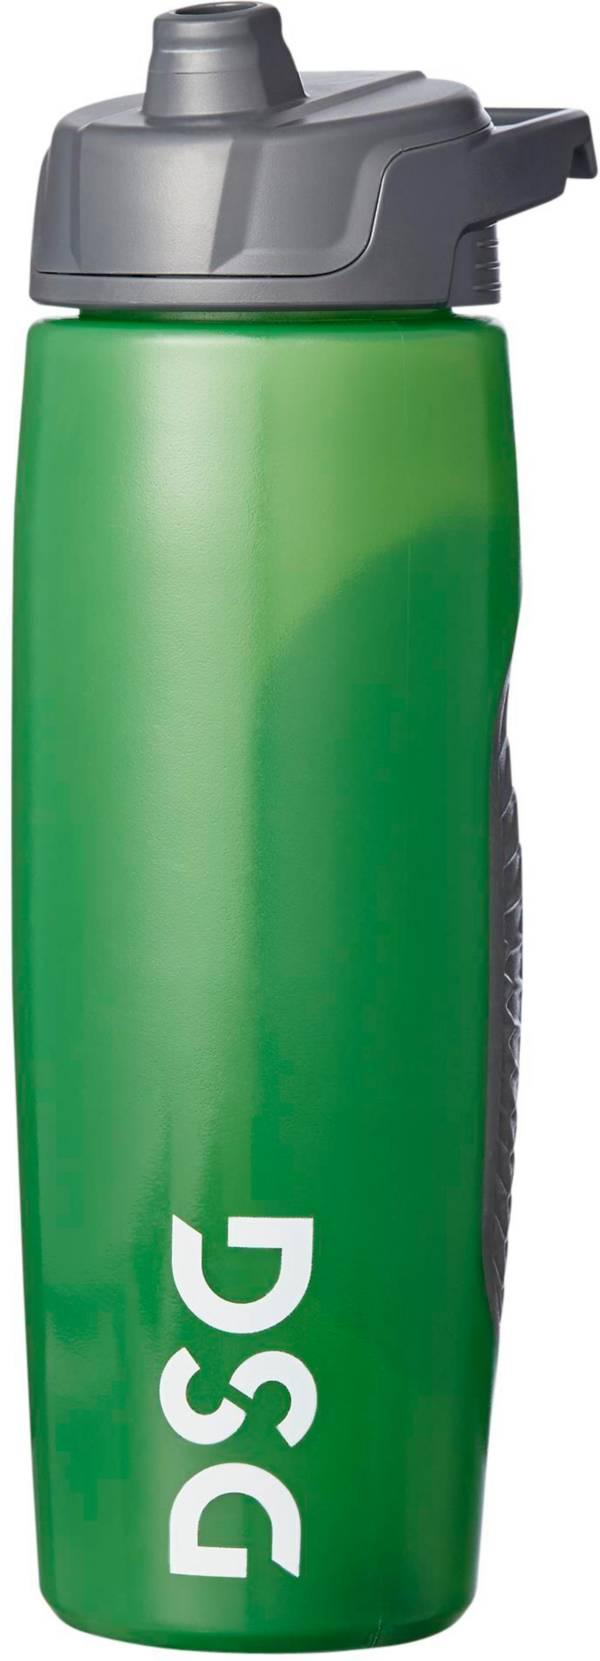 DSG 24 oz. Squeeze Bottle product image